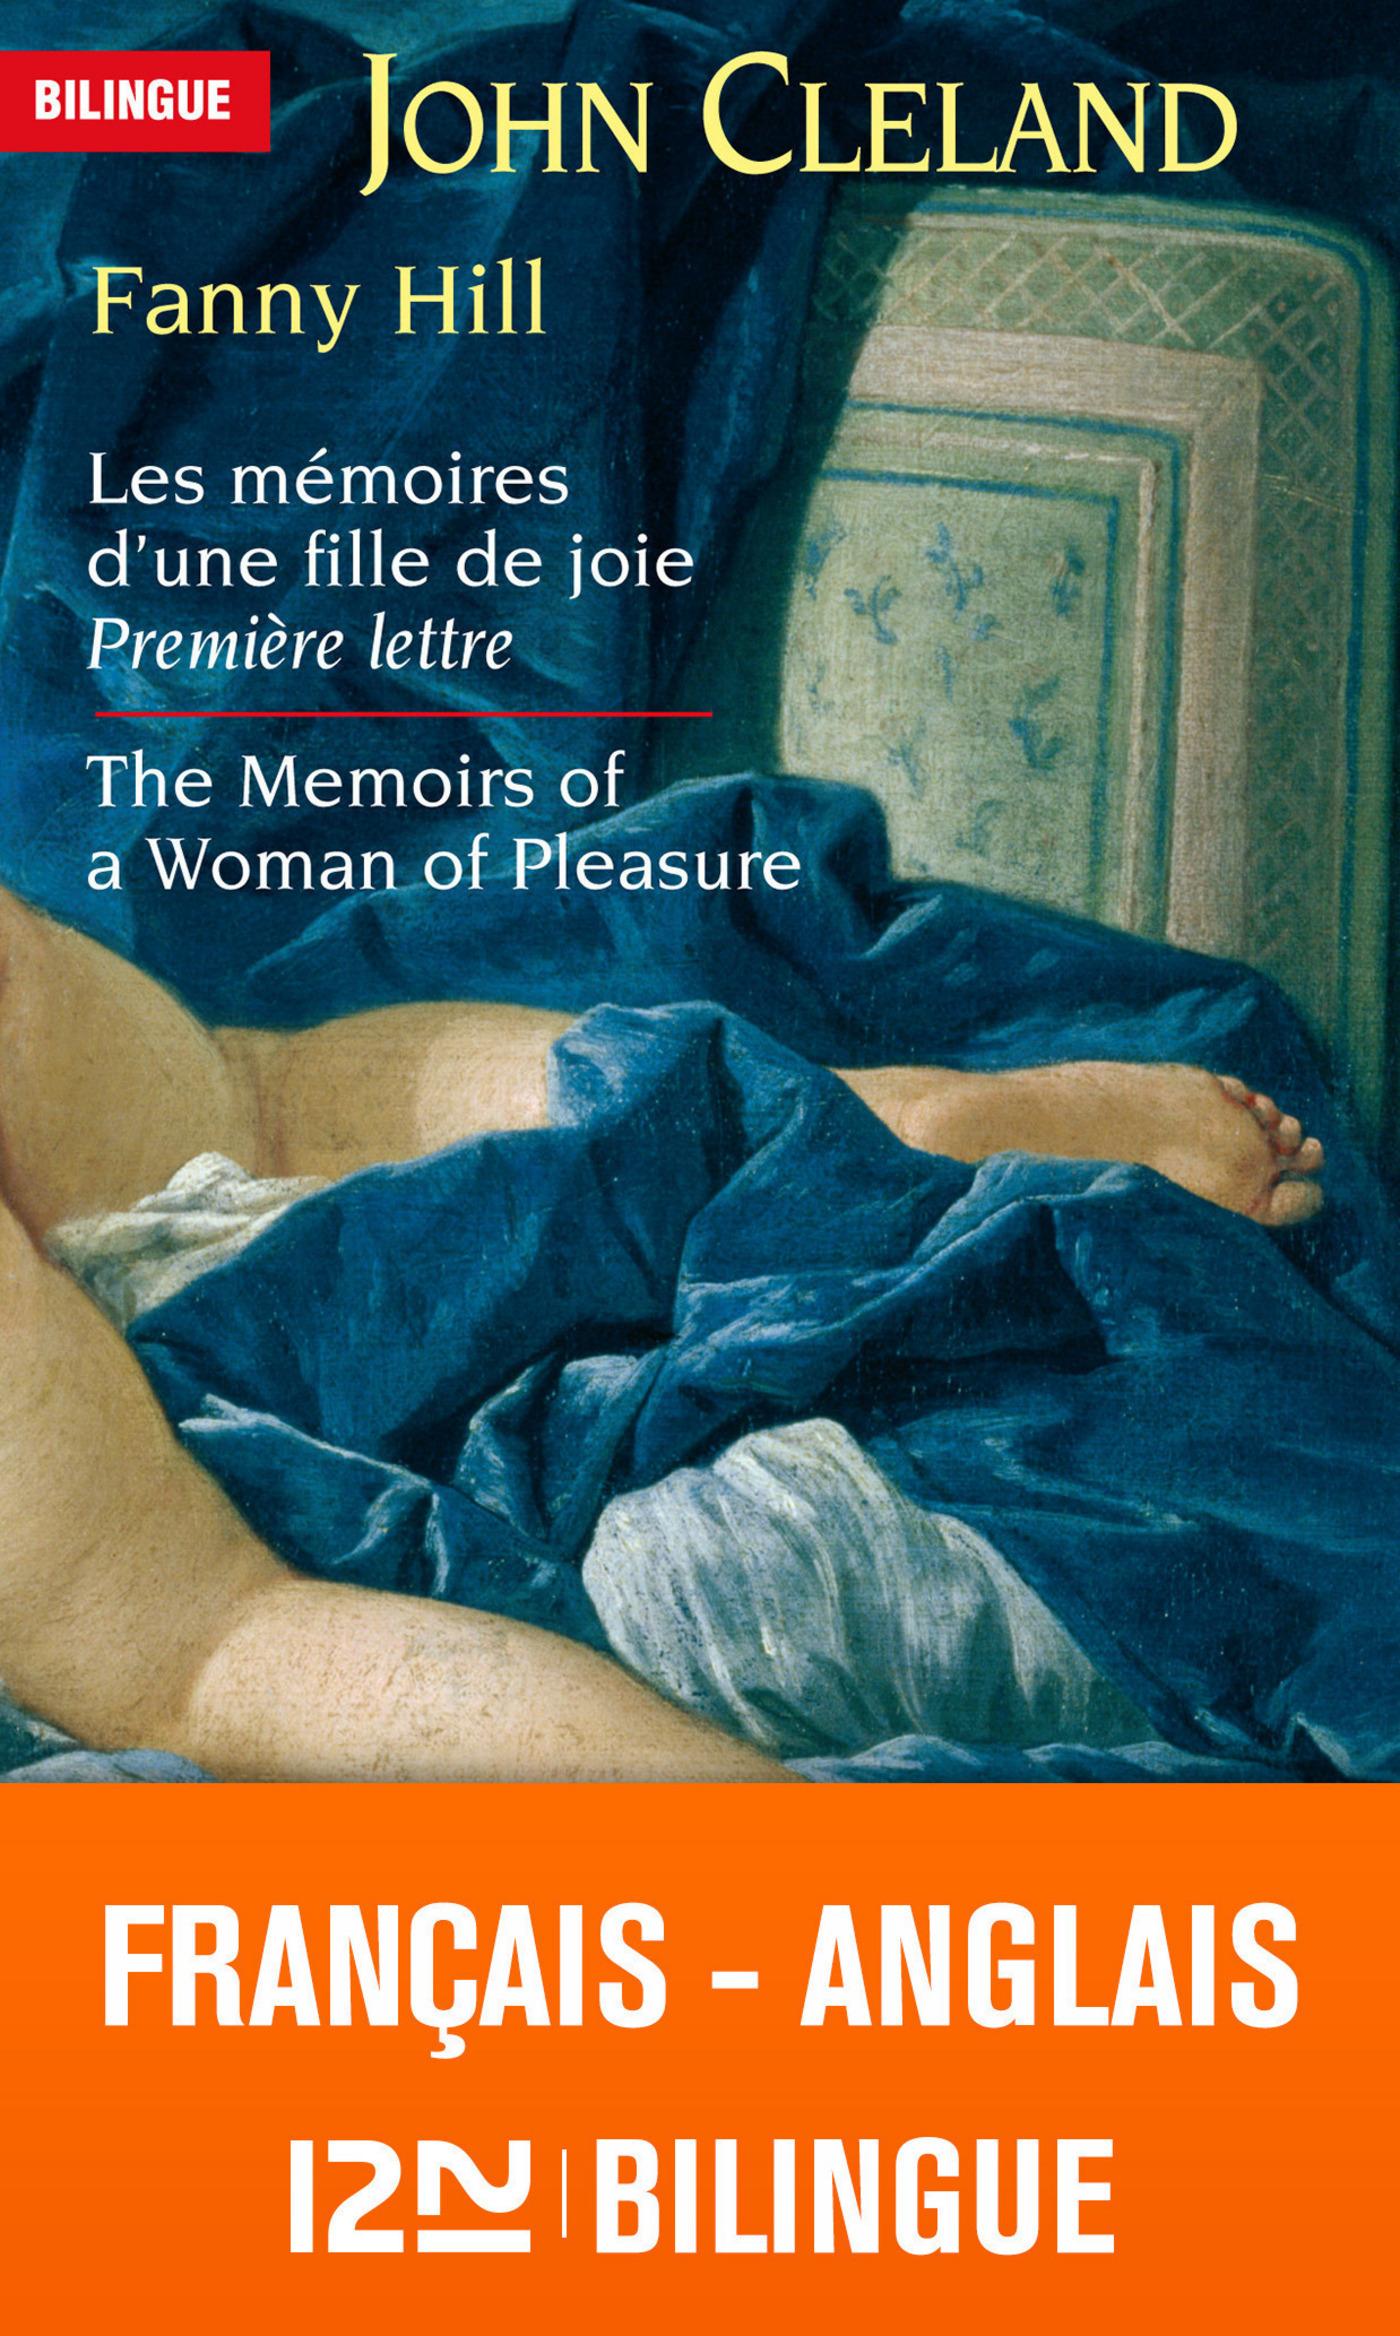 Bilingue français-anglais : Fanny Hill Les mémoires d'une fille de joie - The Memoirs of a Woman of , LES MÉMOIRES D'UNE FILLE DE JOIE - PREMIÈRE LETTRE